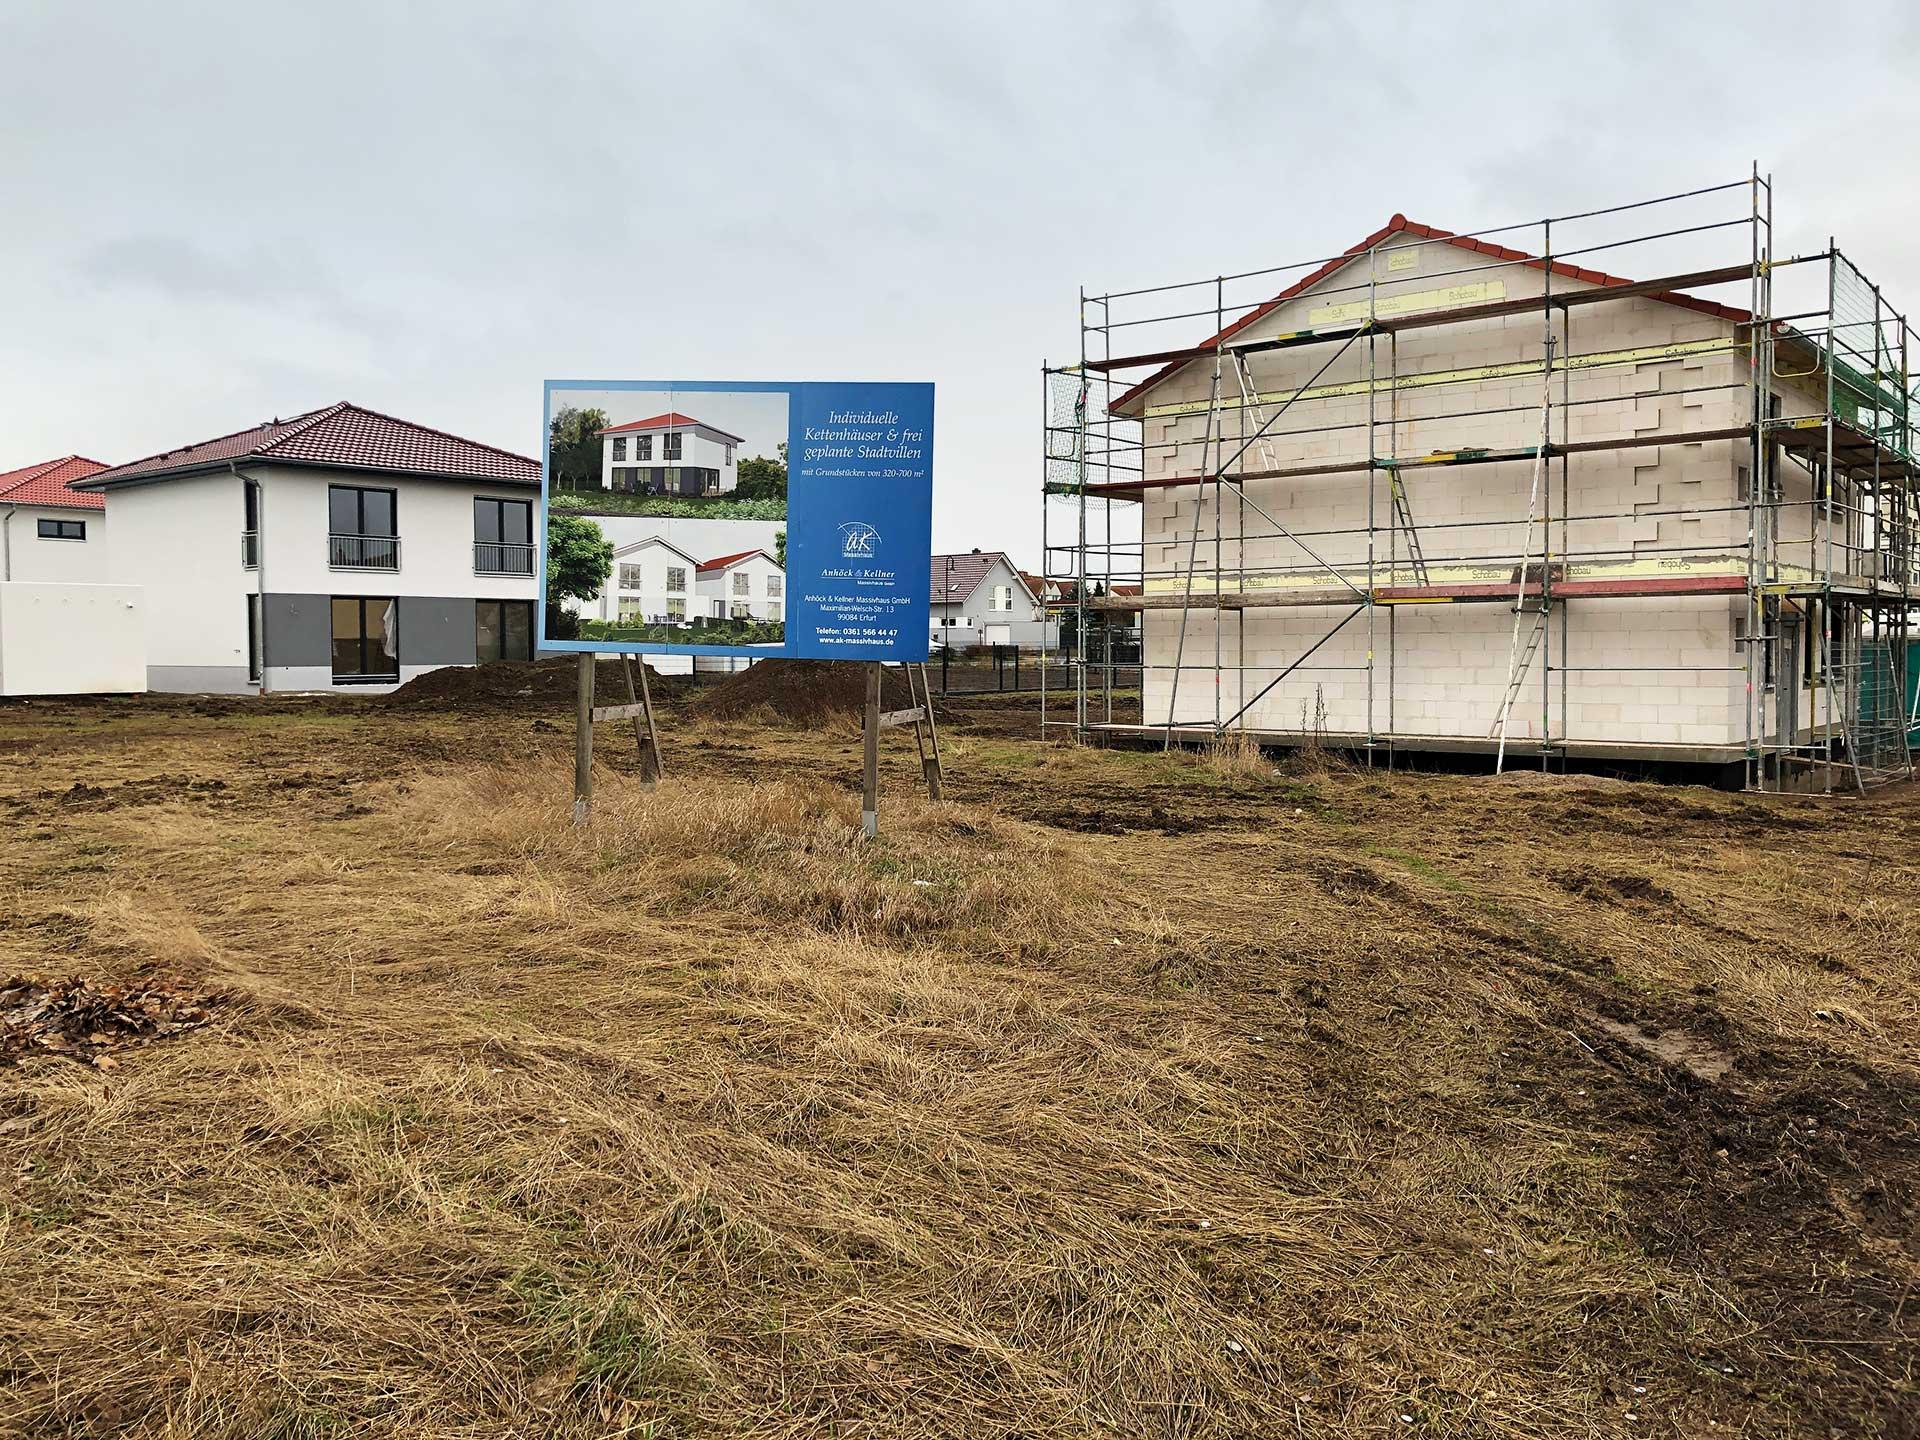 Baufortschritt in Erfurt-Frienstedt